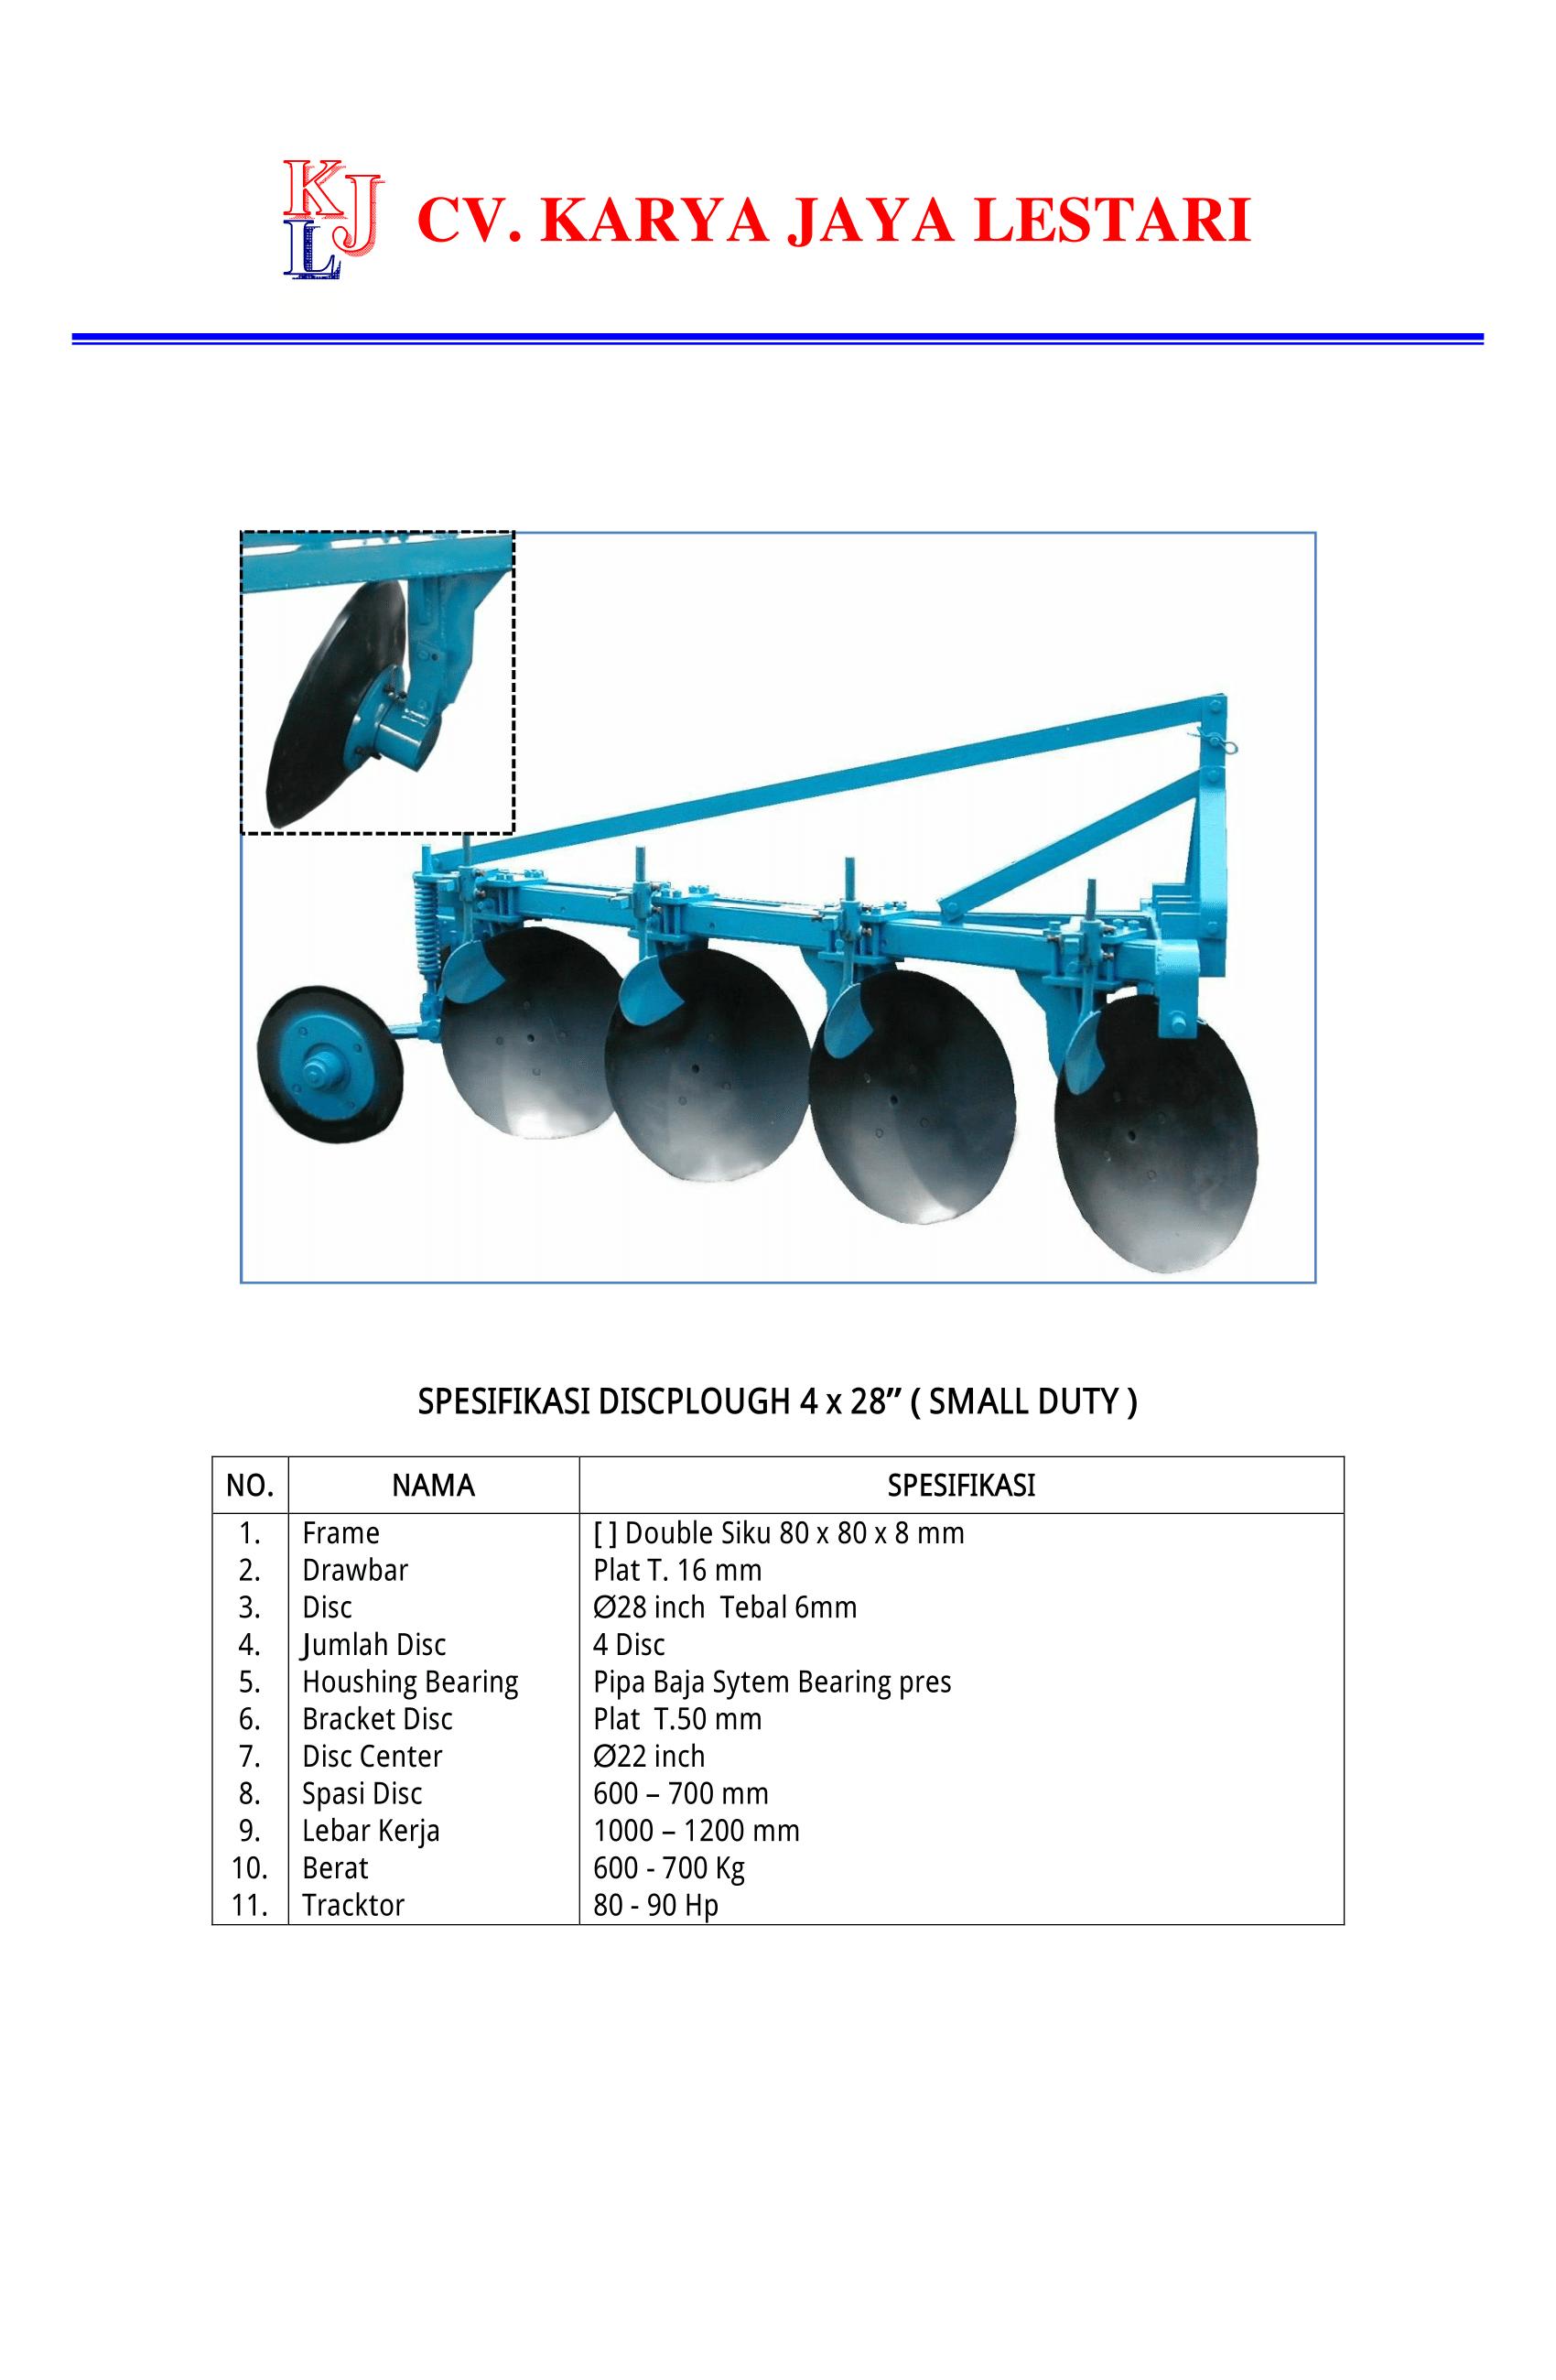 discplough-4x28-p-1